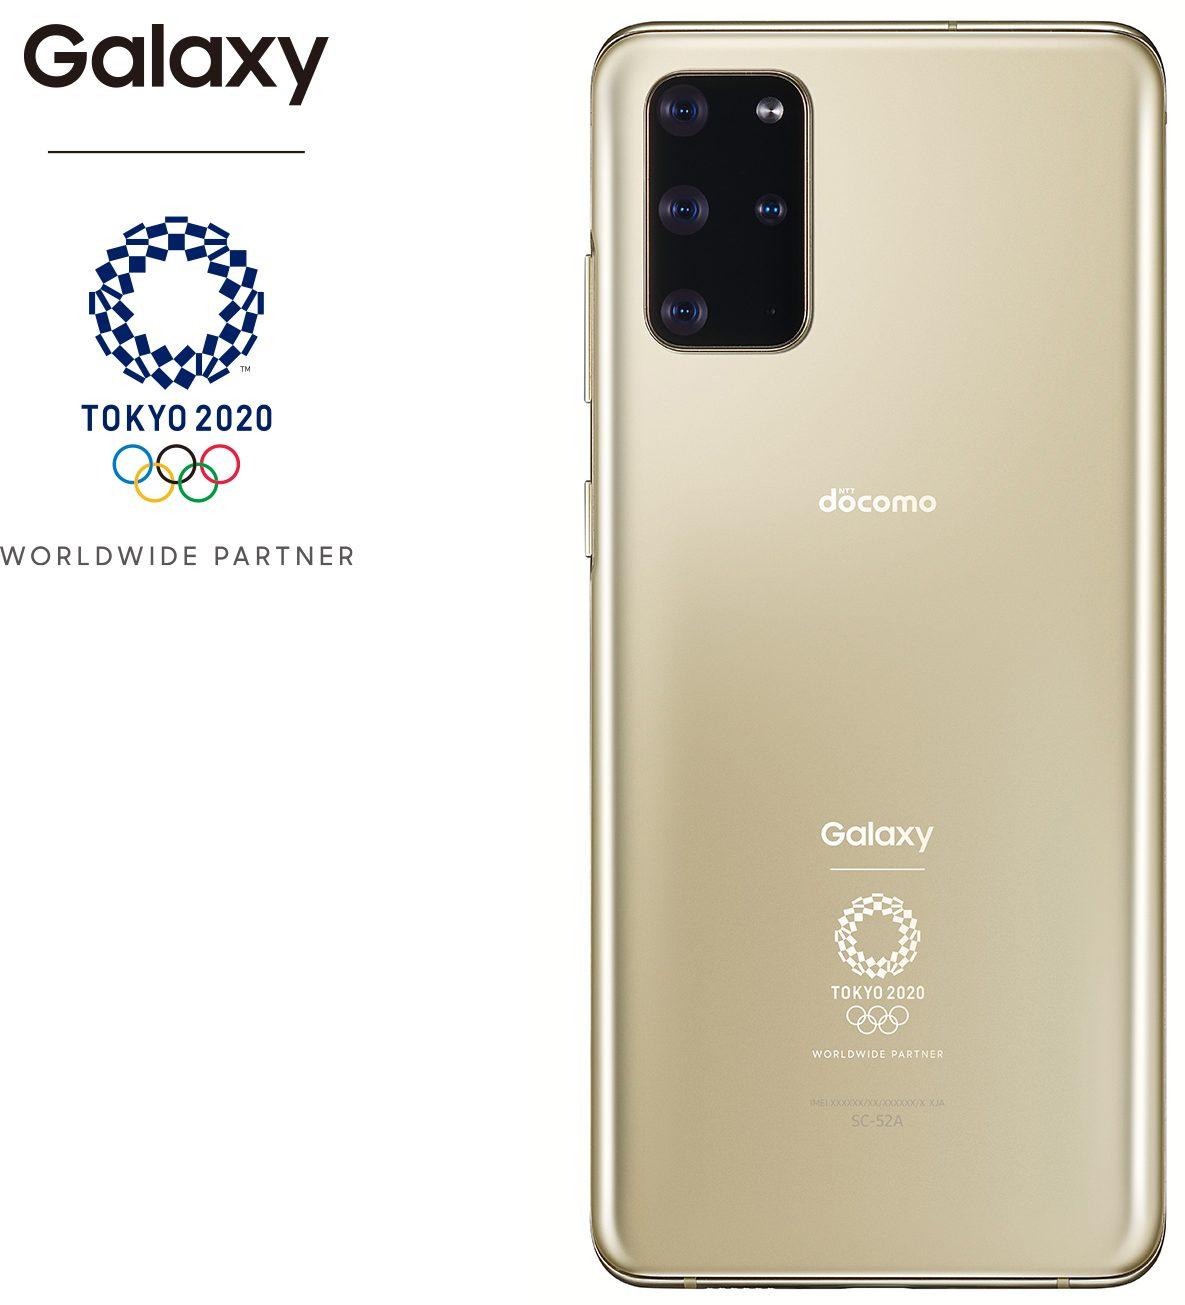 ドコモのGalaxy S20+ 5Gオリンピック限定デザイン